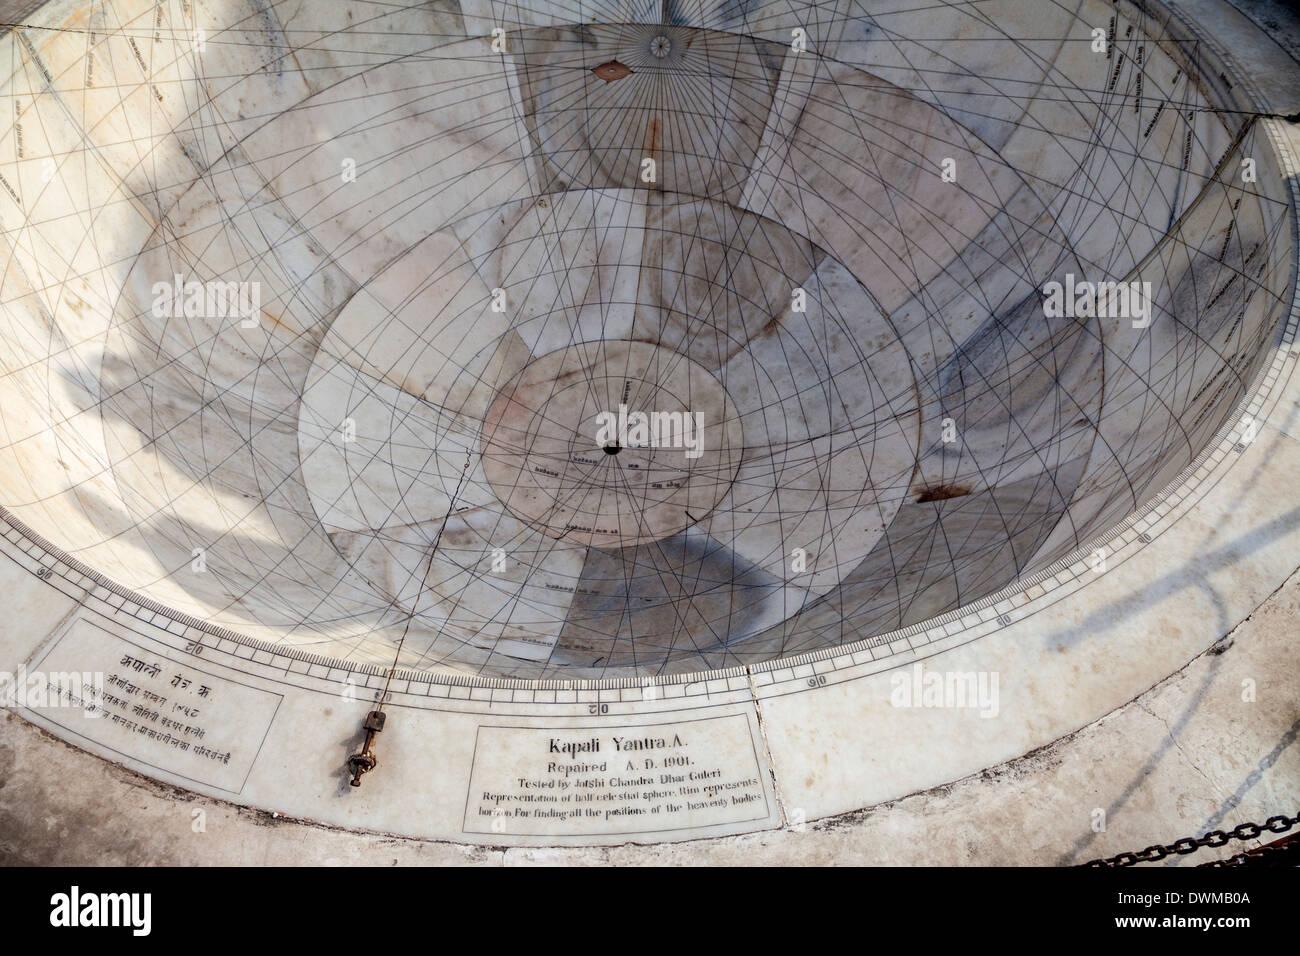 Jaipur, Rajasthan, India. Jantar Mantar, un settecentesco sito per le osservazioni astronomiche, adesso sito del Patrimonio Mondiale. Immagini Stock